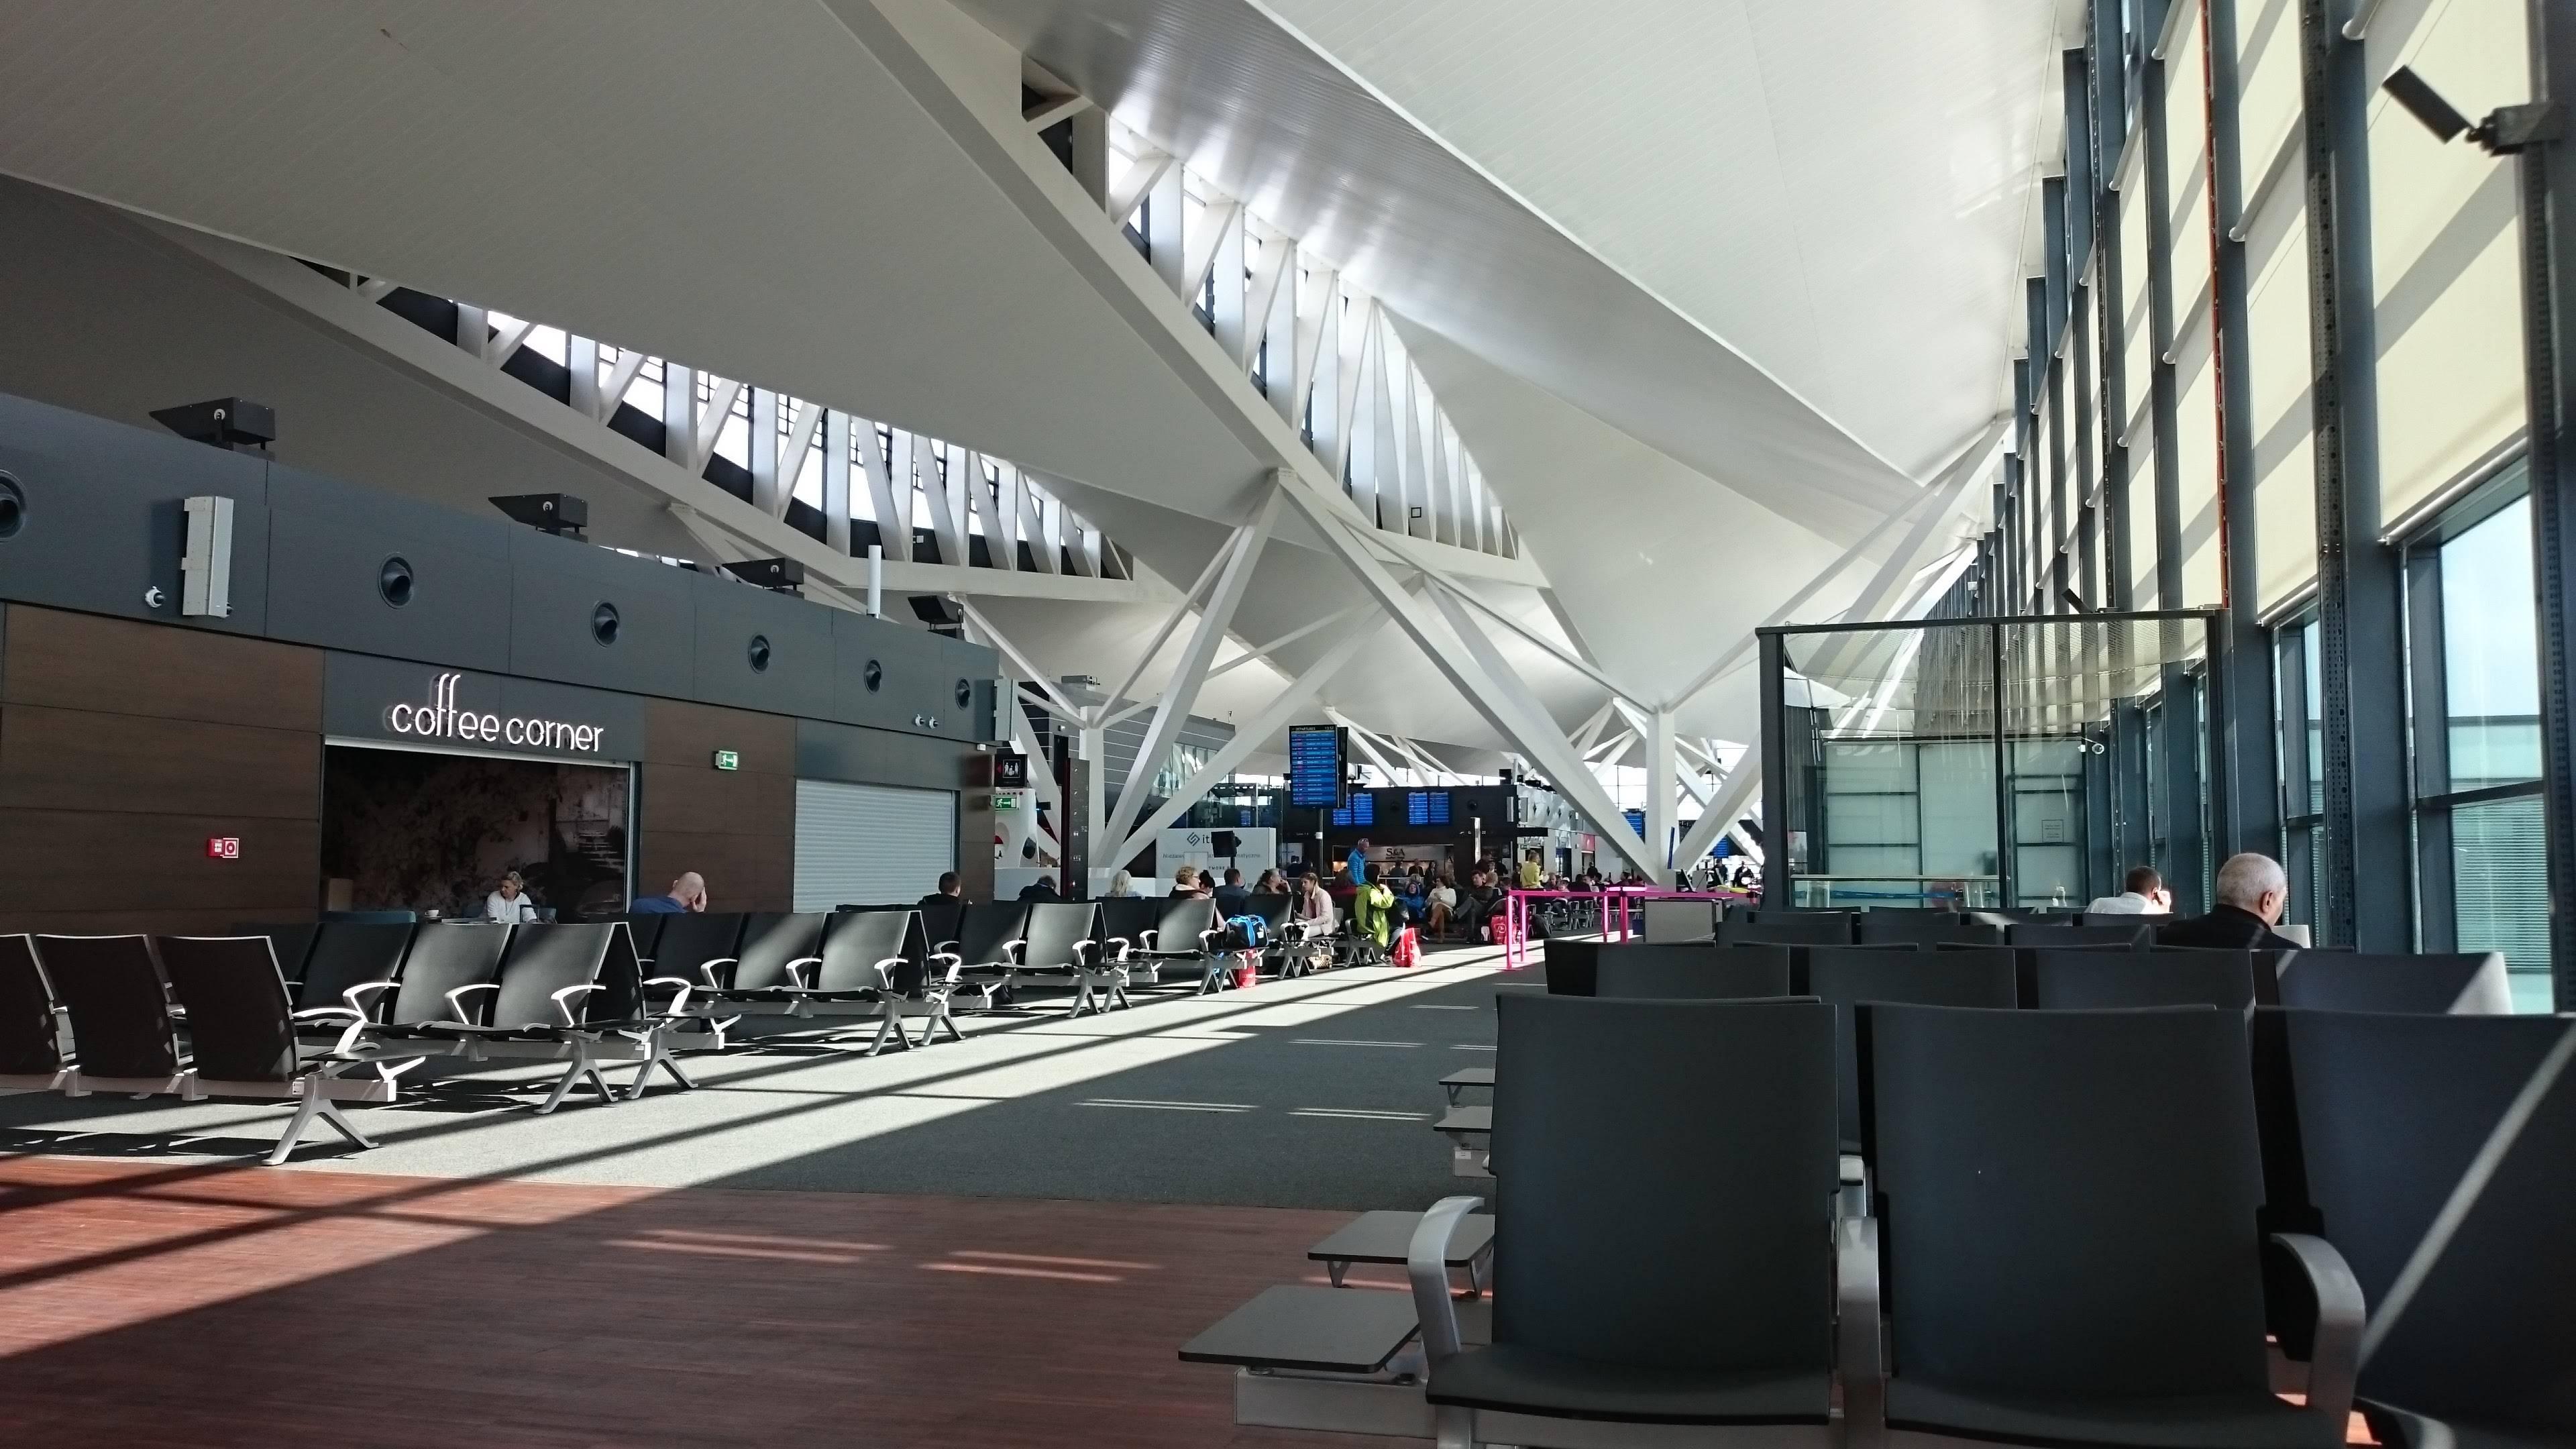 Аэропорт имени леха валенсы (г. гданьск) | расписание транспорта